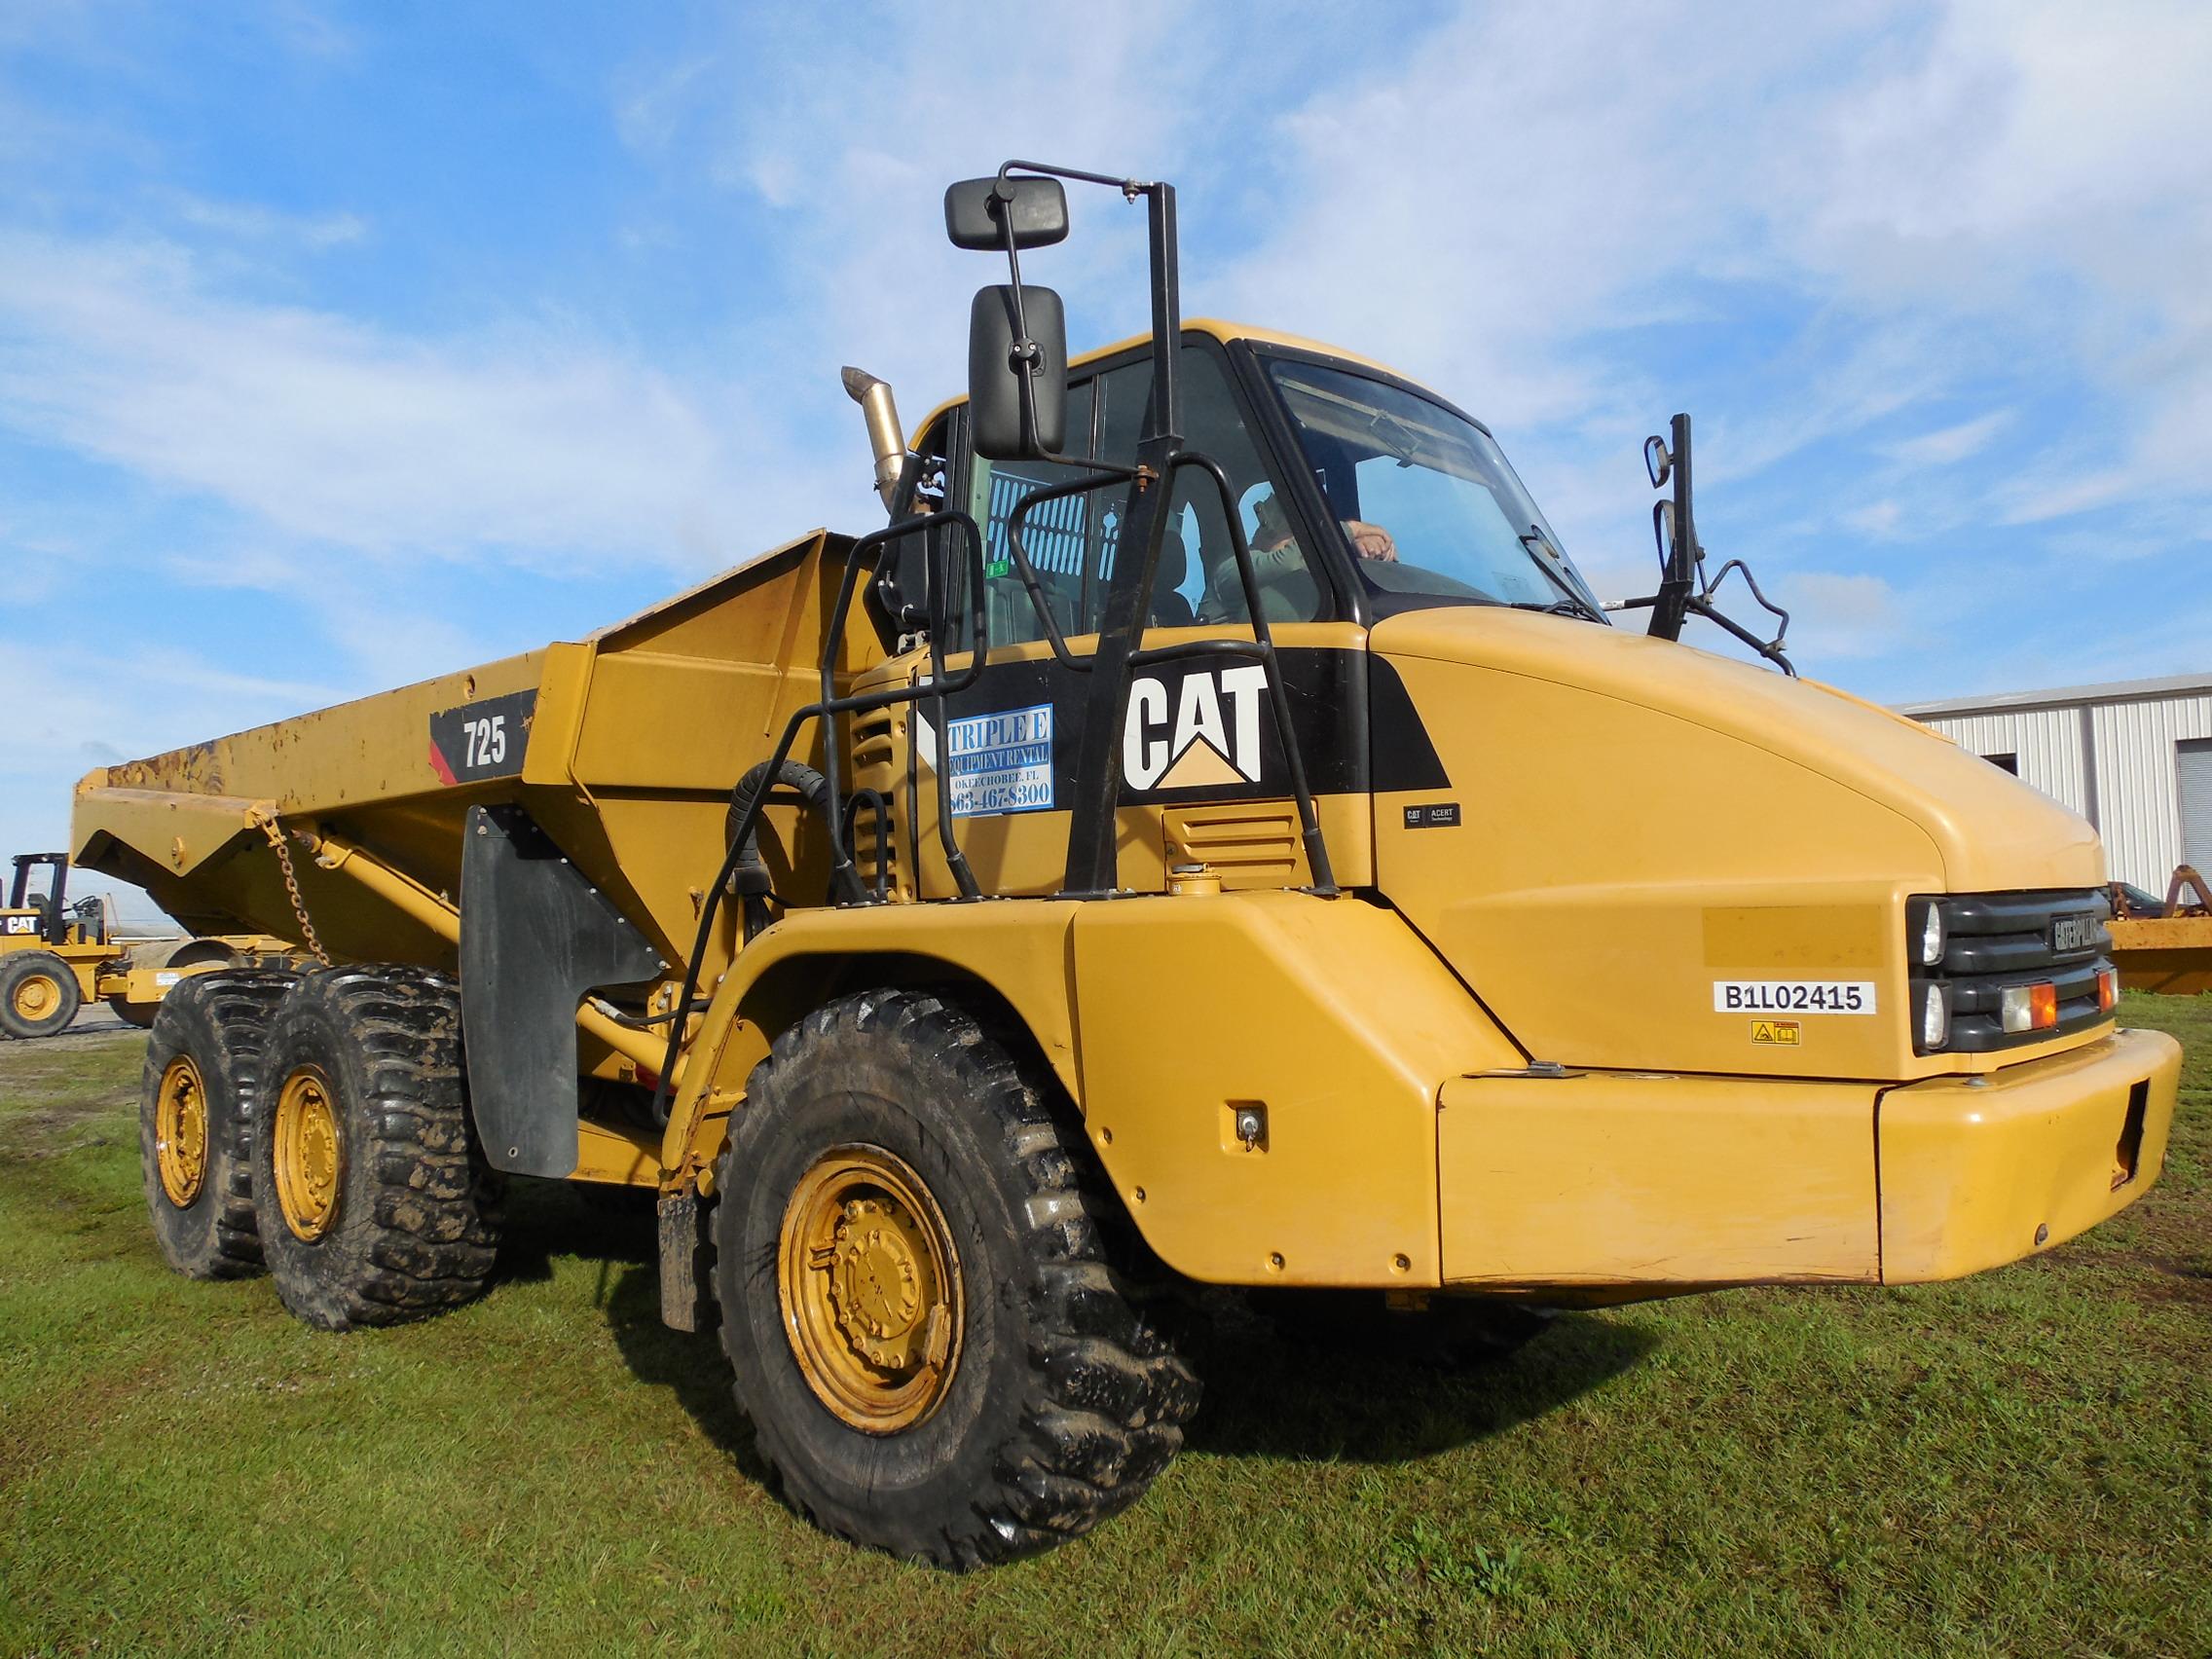 2011-725B1L02415-001